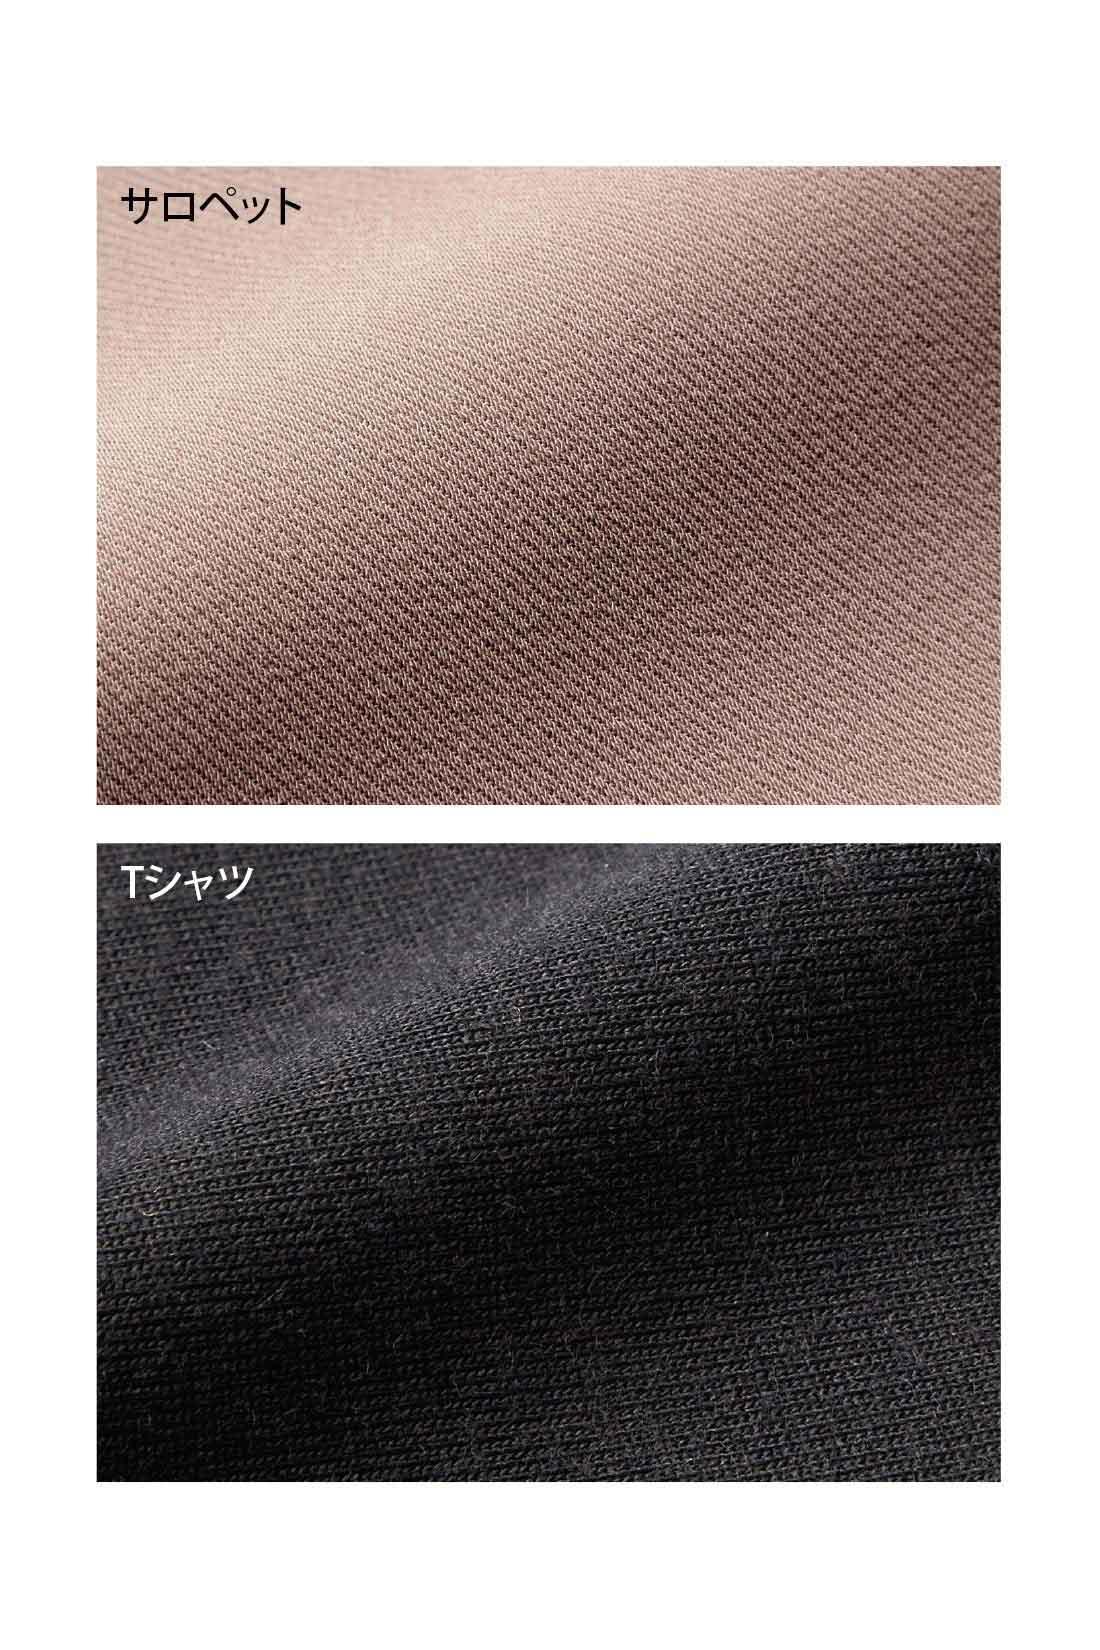 サロペットには上品な落ち感のある素材で大人っぽく。Tシャツにはさらりとした質感で着心地のよい綿混の天じく素材。 ※お届けするカラーとは異なります。